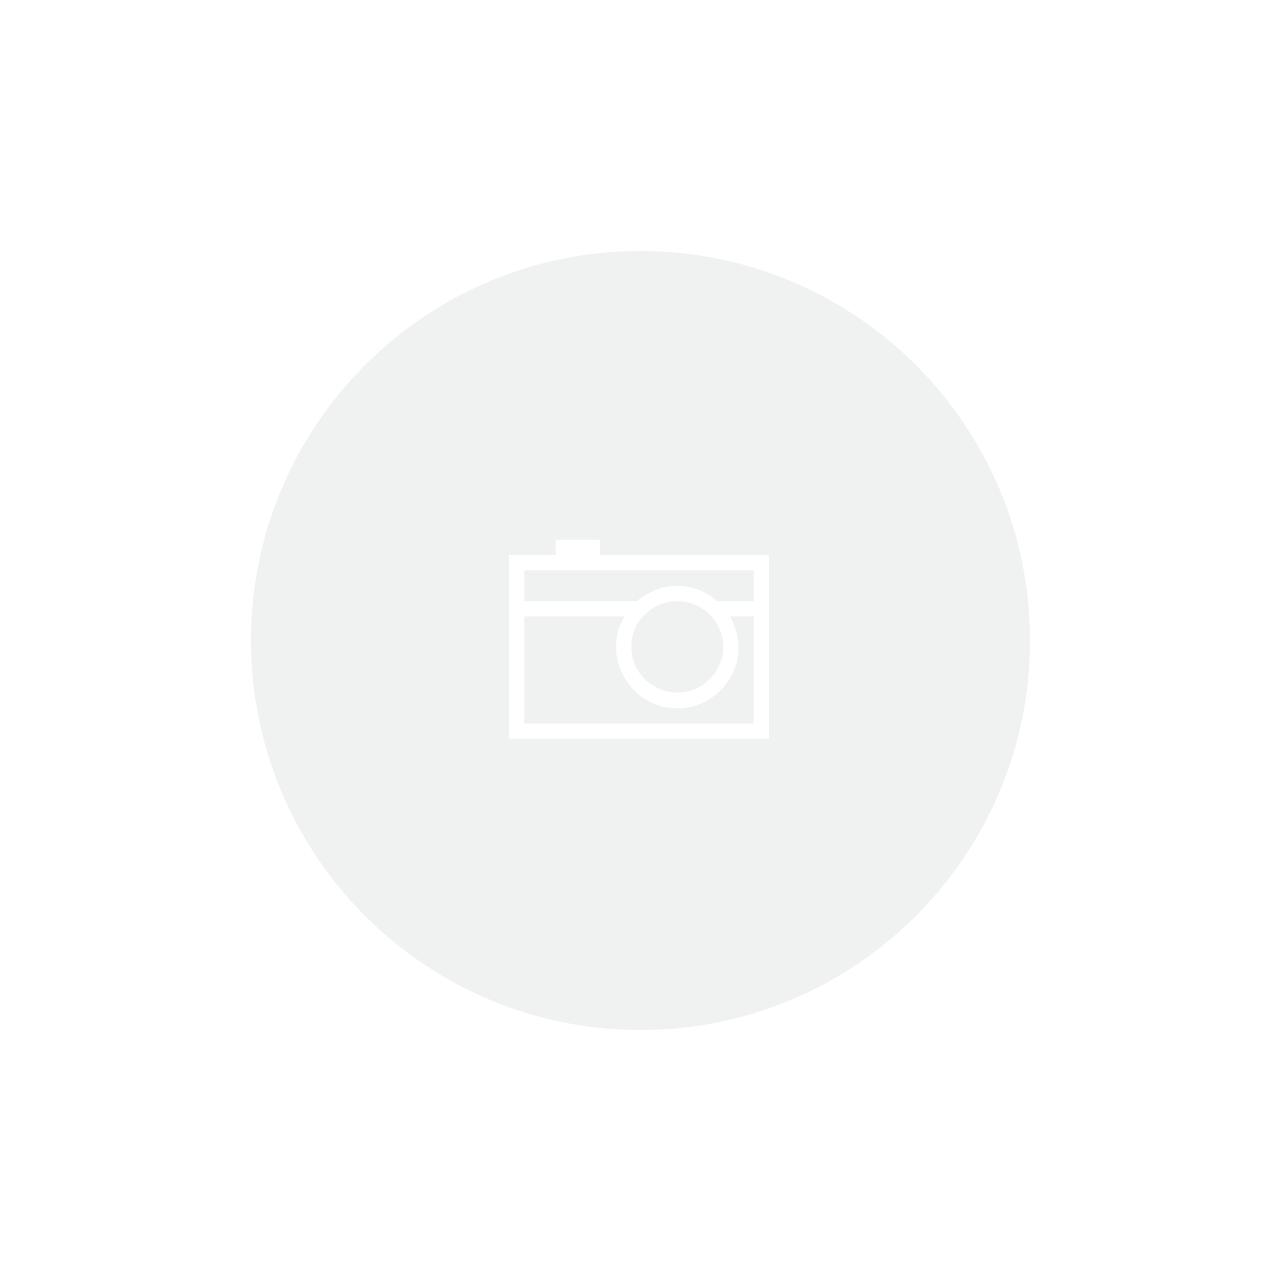 Lâmina de Tosa 4F - Oster